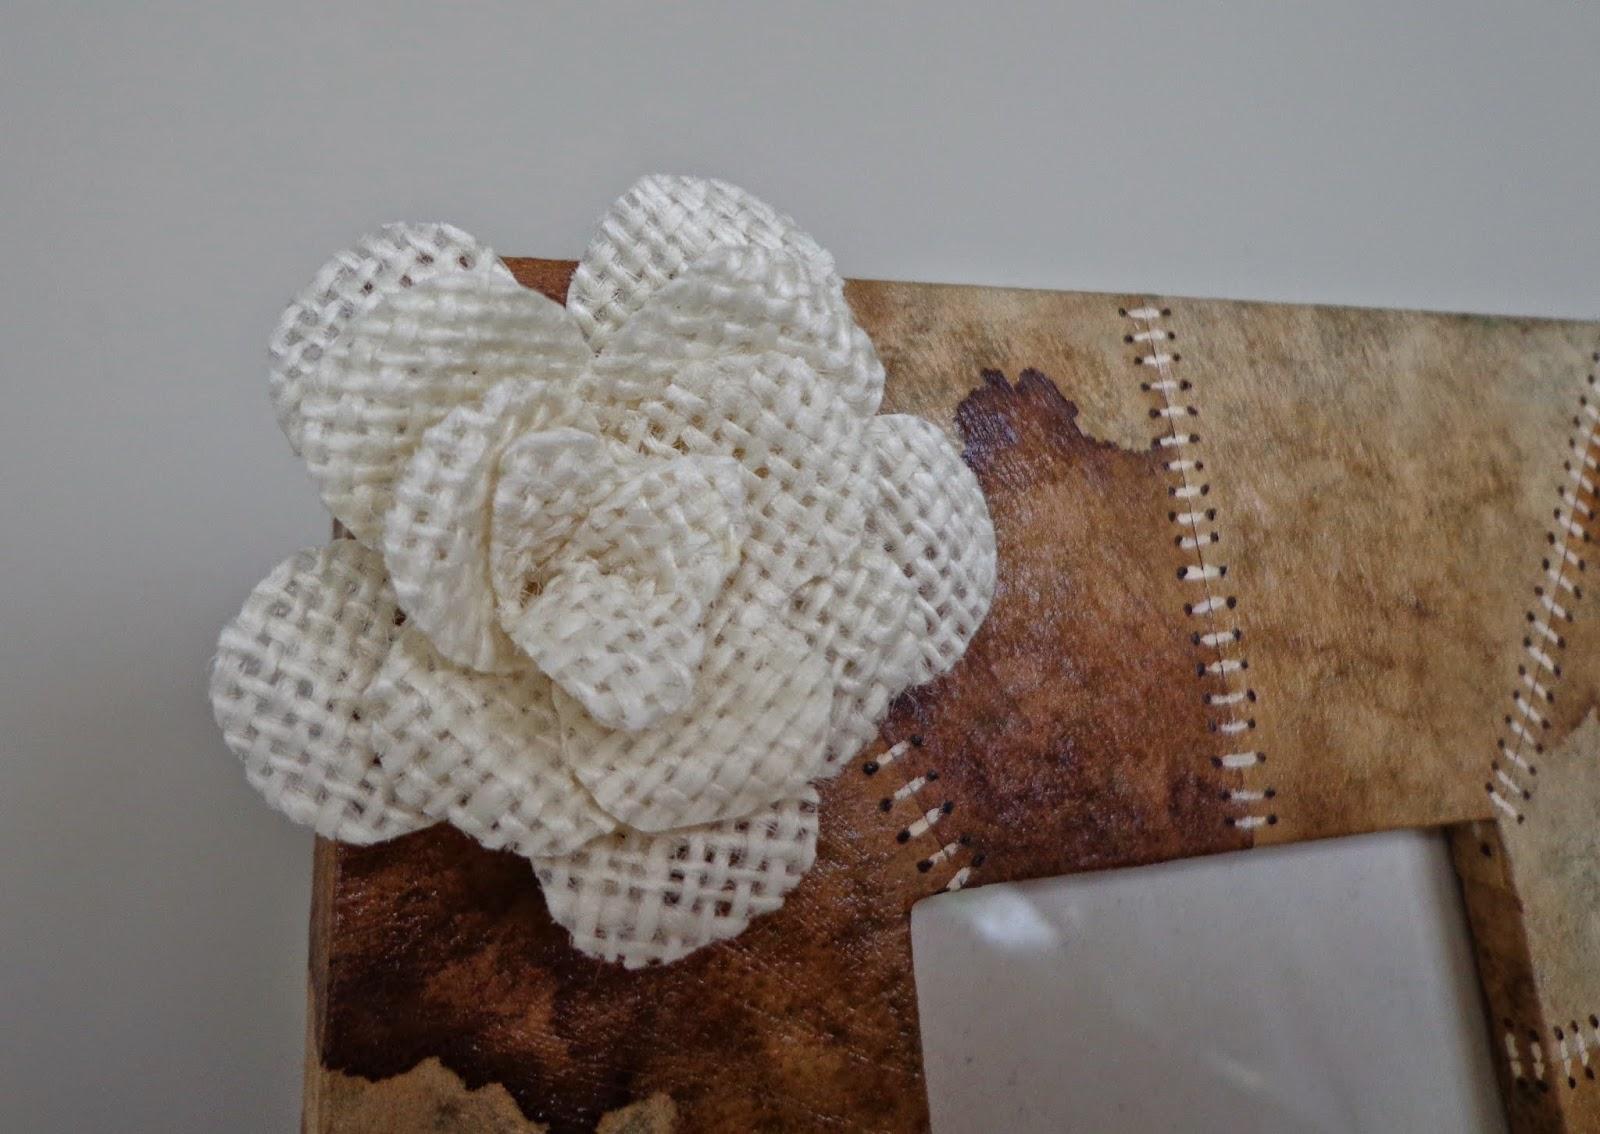 Tela de arpillera de yute tela de saco manualidades - Saco de arpillera ...